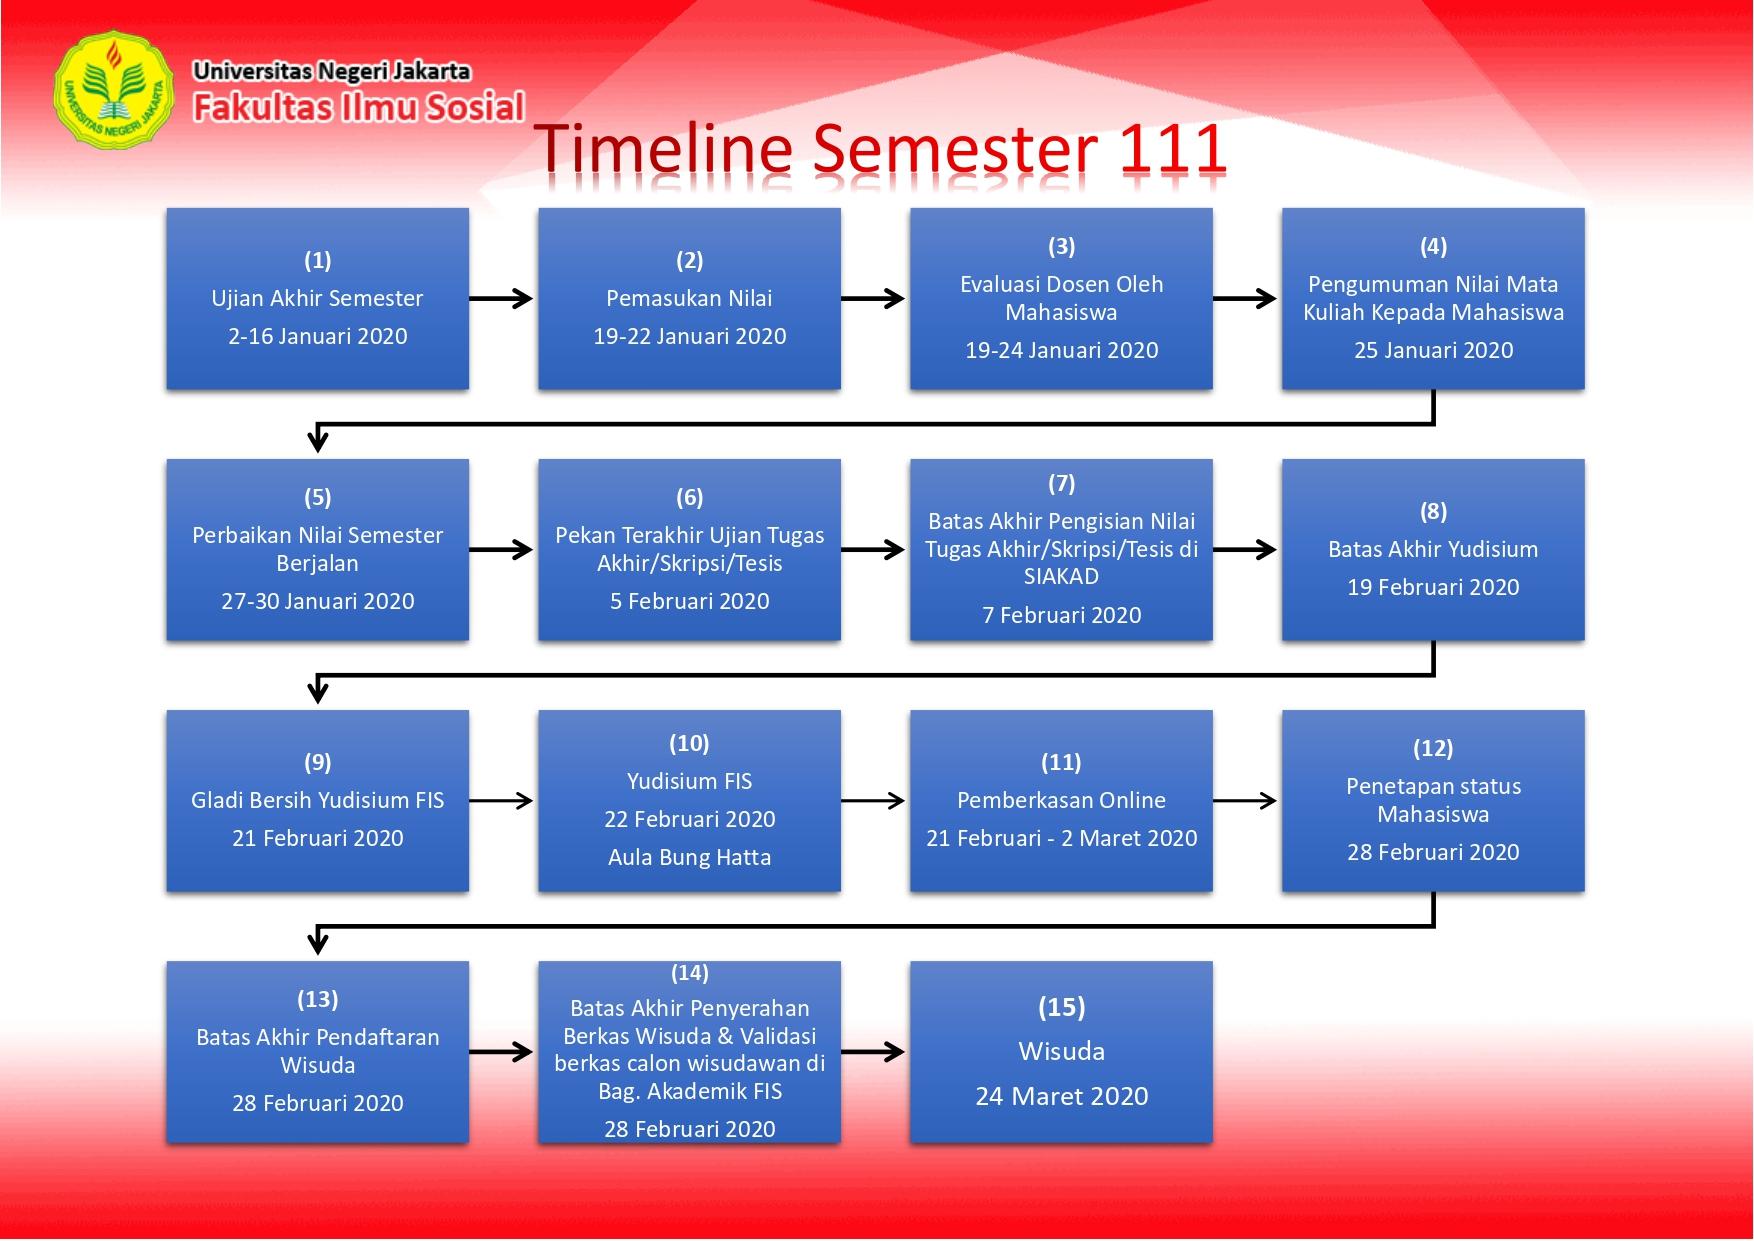 Timeline smt 111_page-0001 (2)